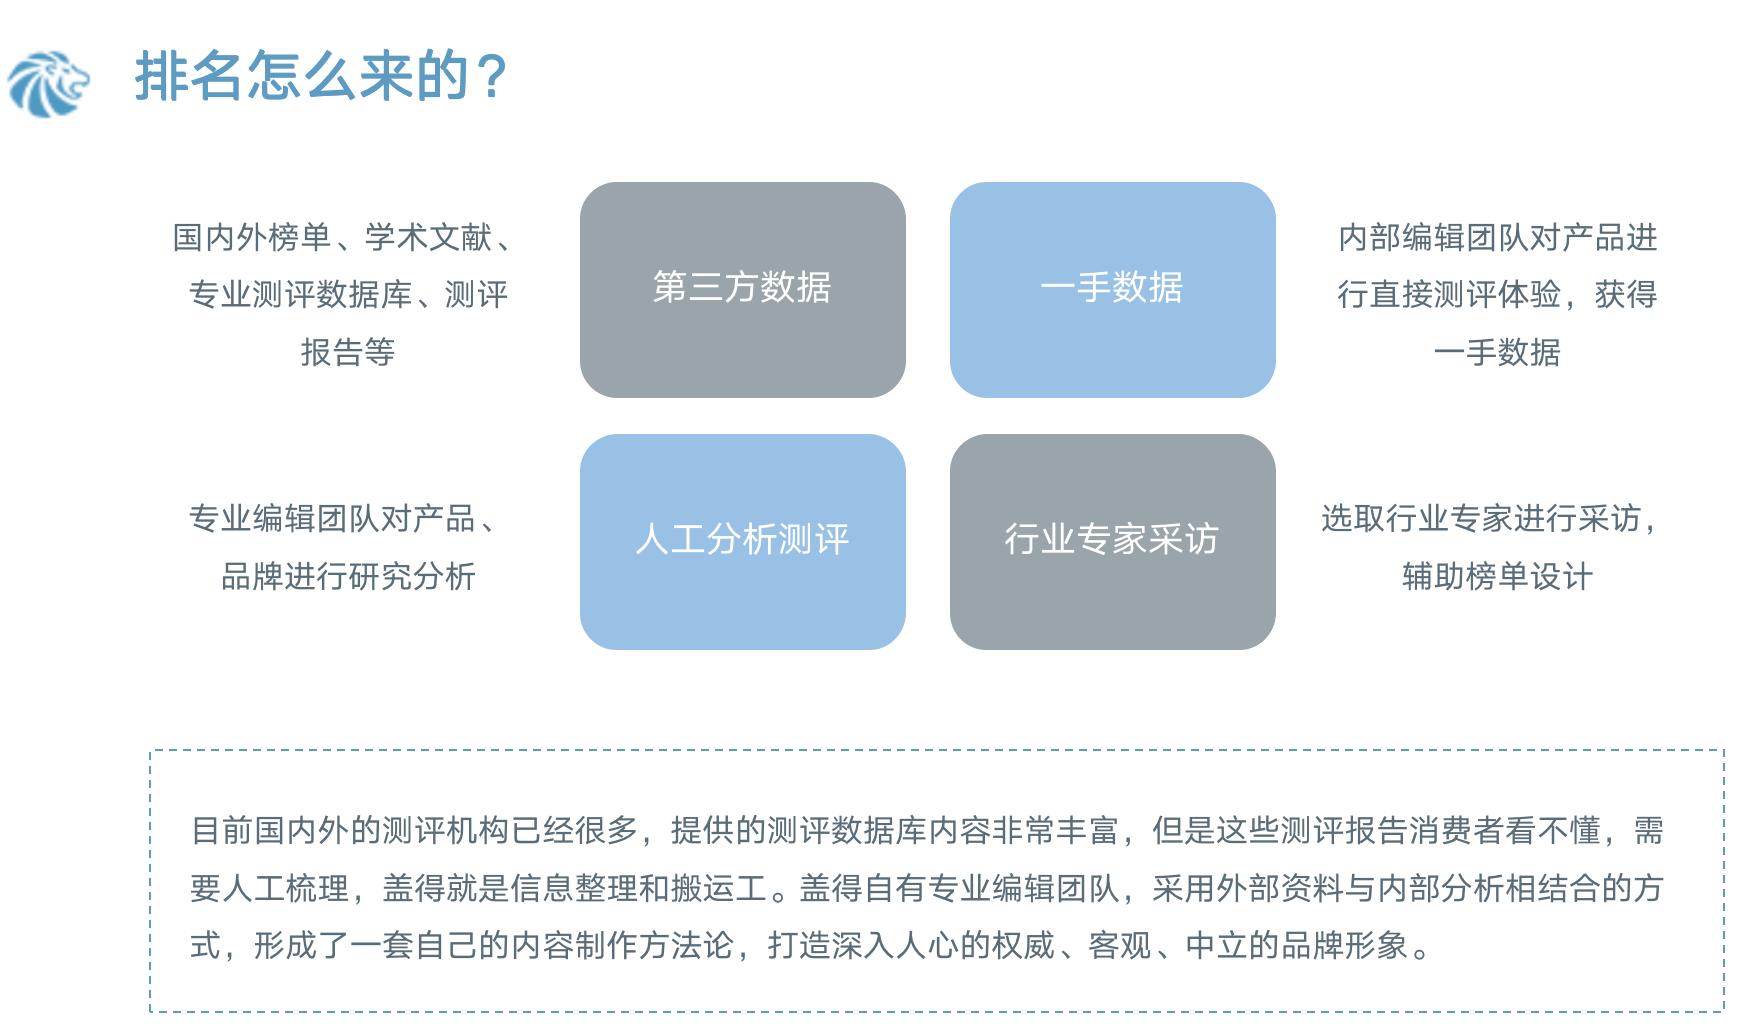 """台湾有人以""""大日本帝国重建政府""""名义诈骗,被警方处理"""